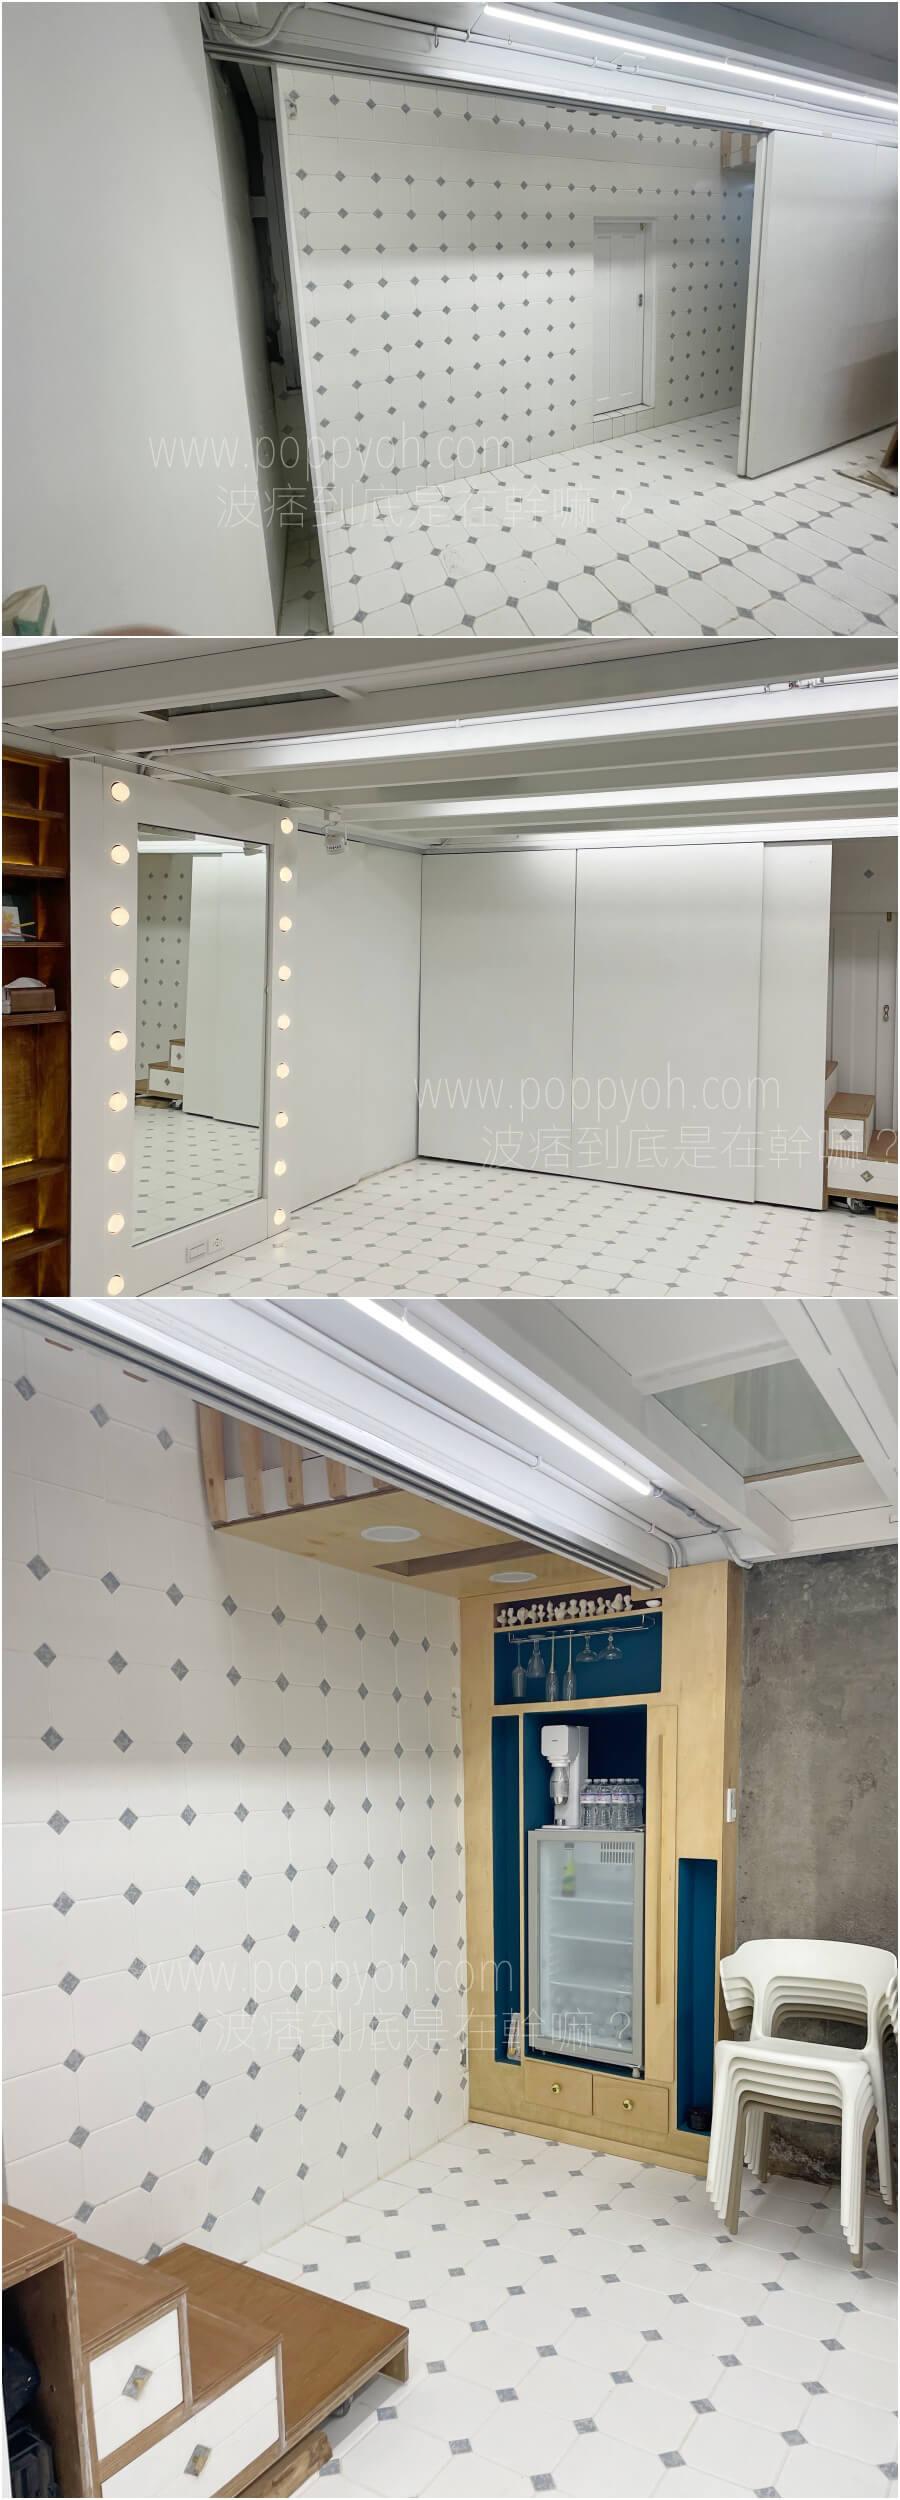 居家改造 地板 牆面 設計 規劃